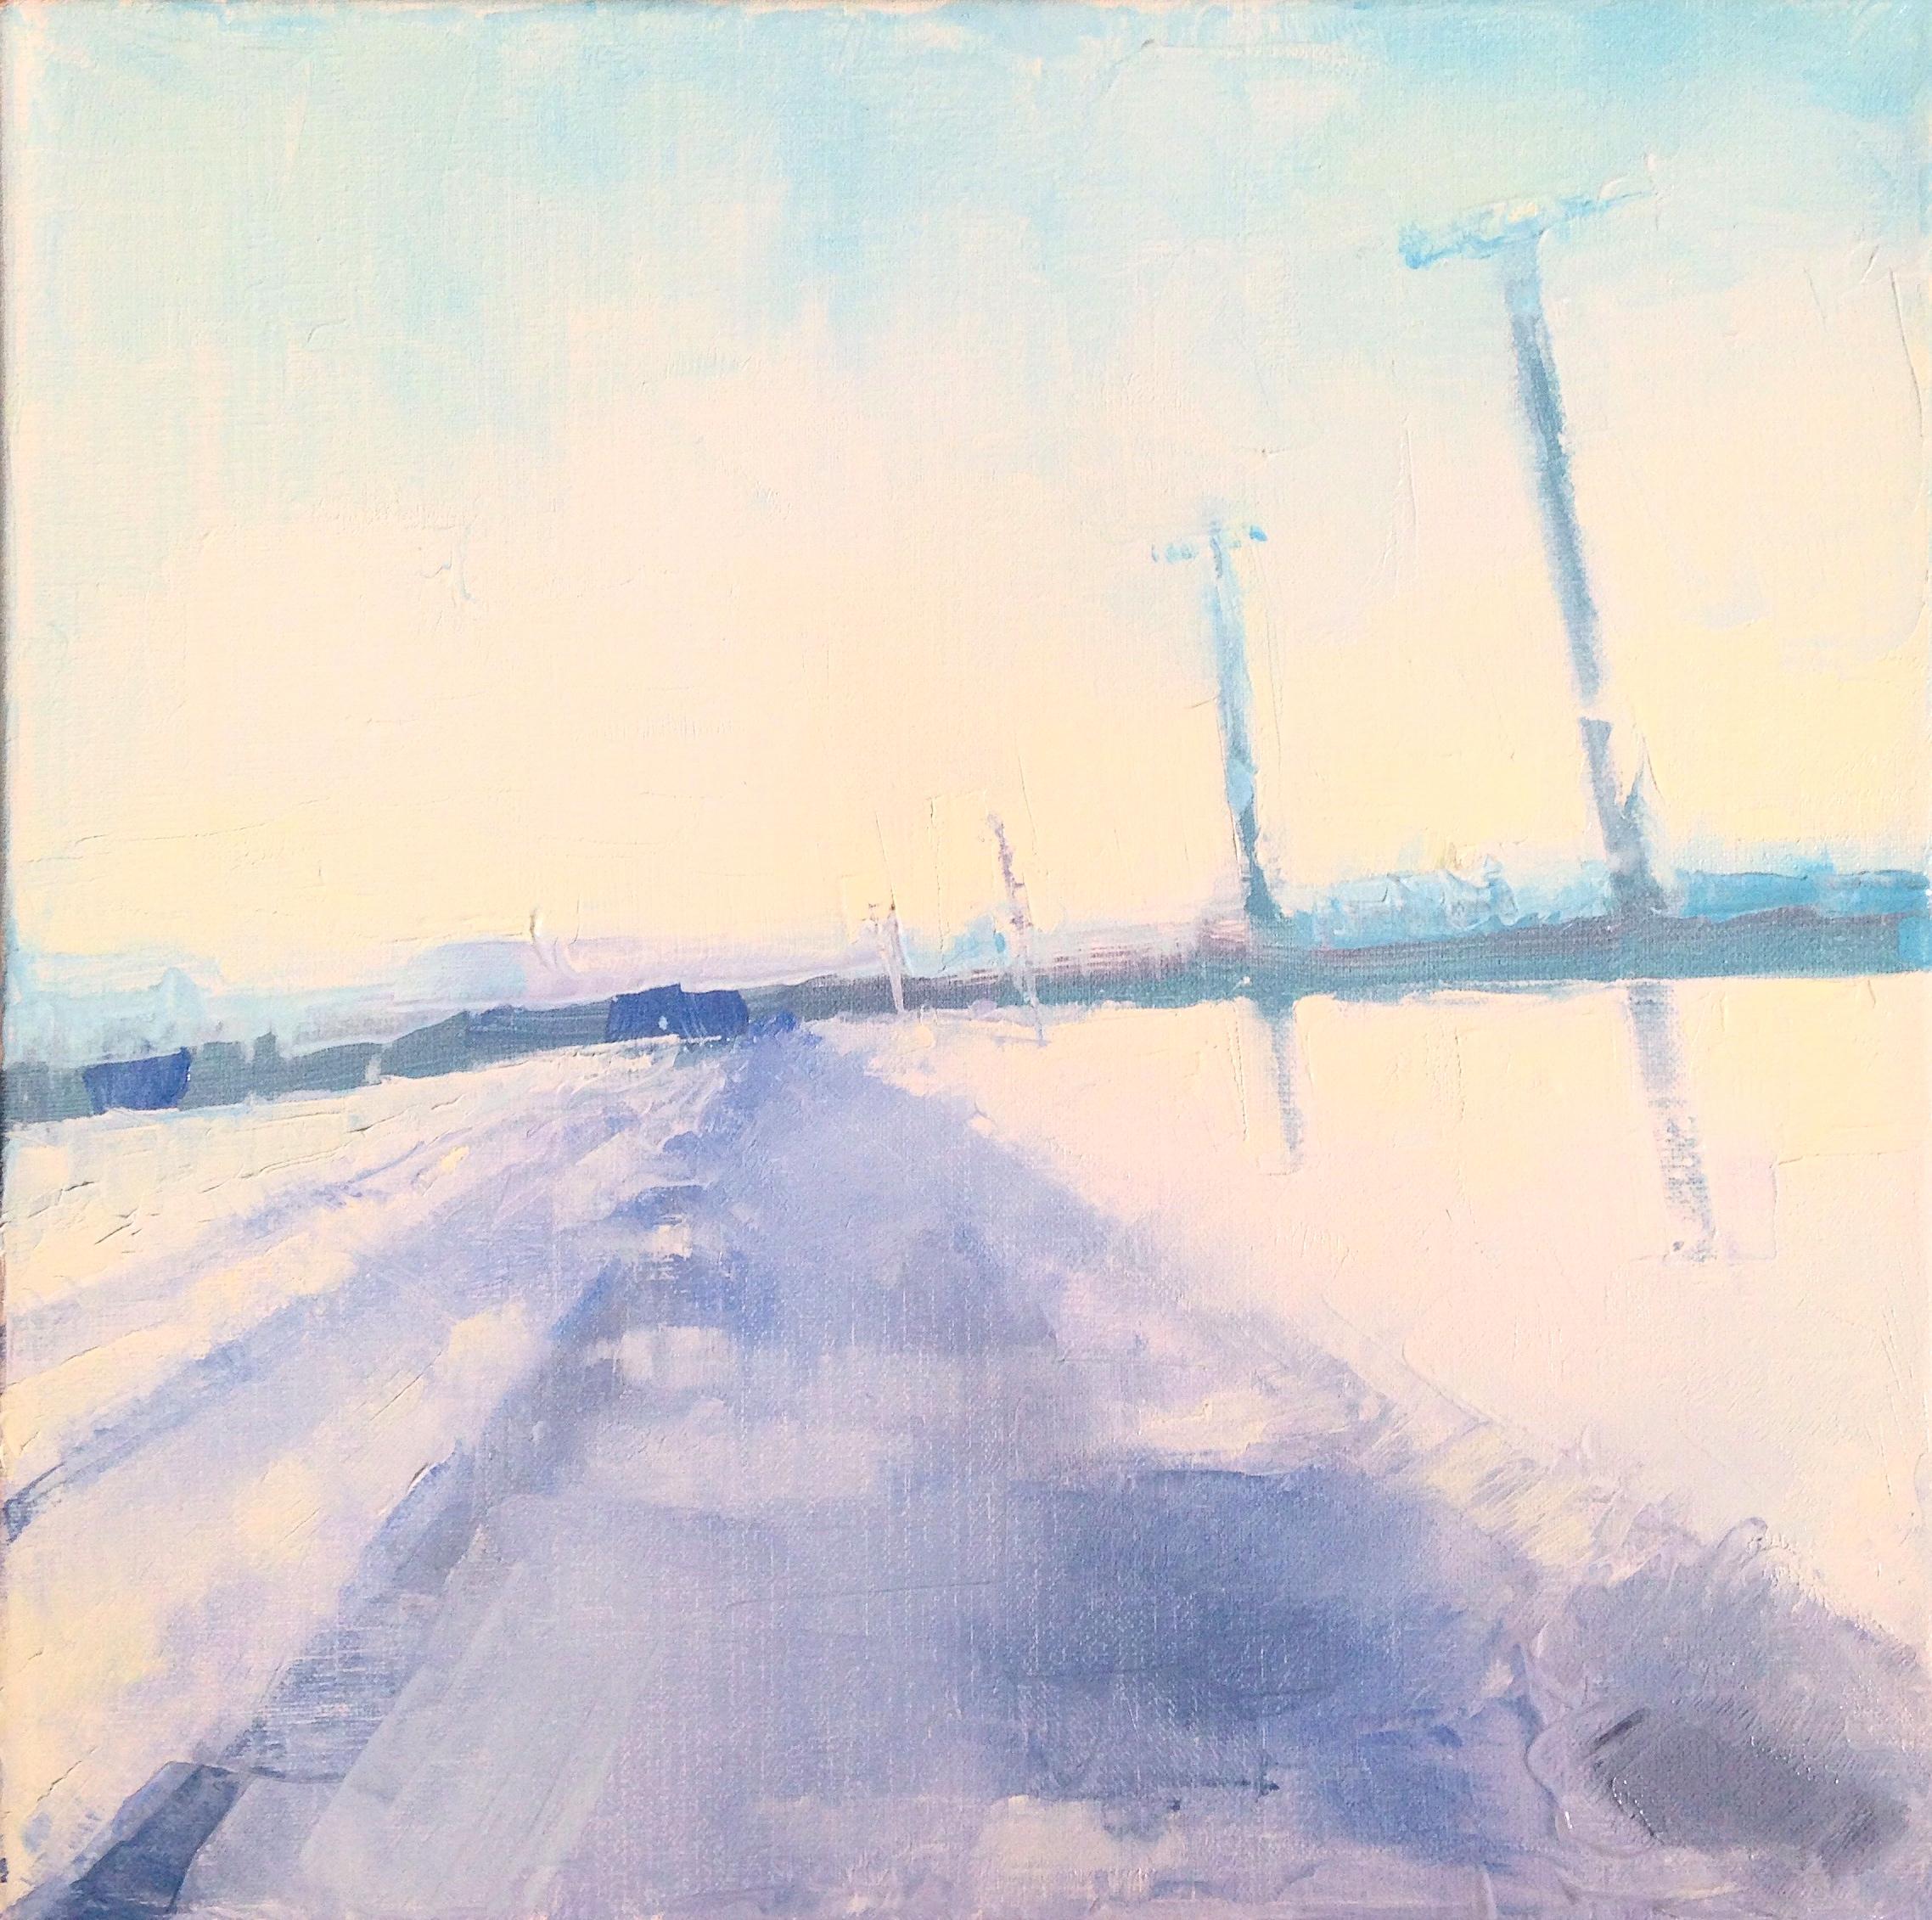 15 schmitz southbound to middlebury oil on canvas 12x12 500 fg1ewb